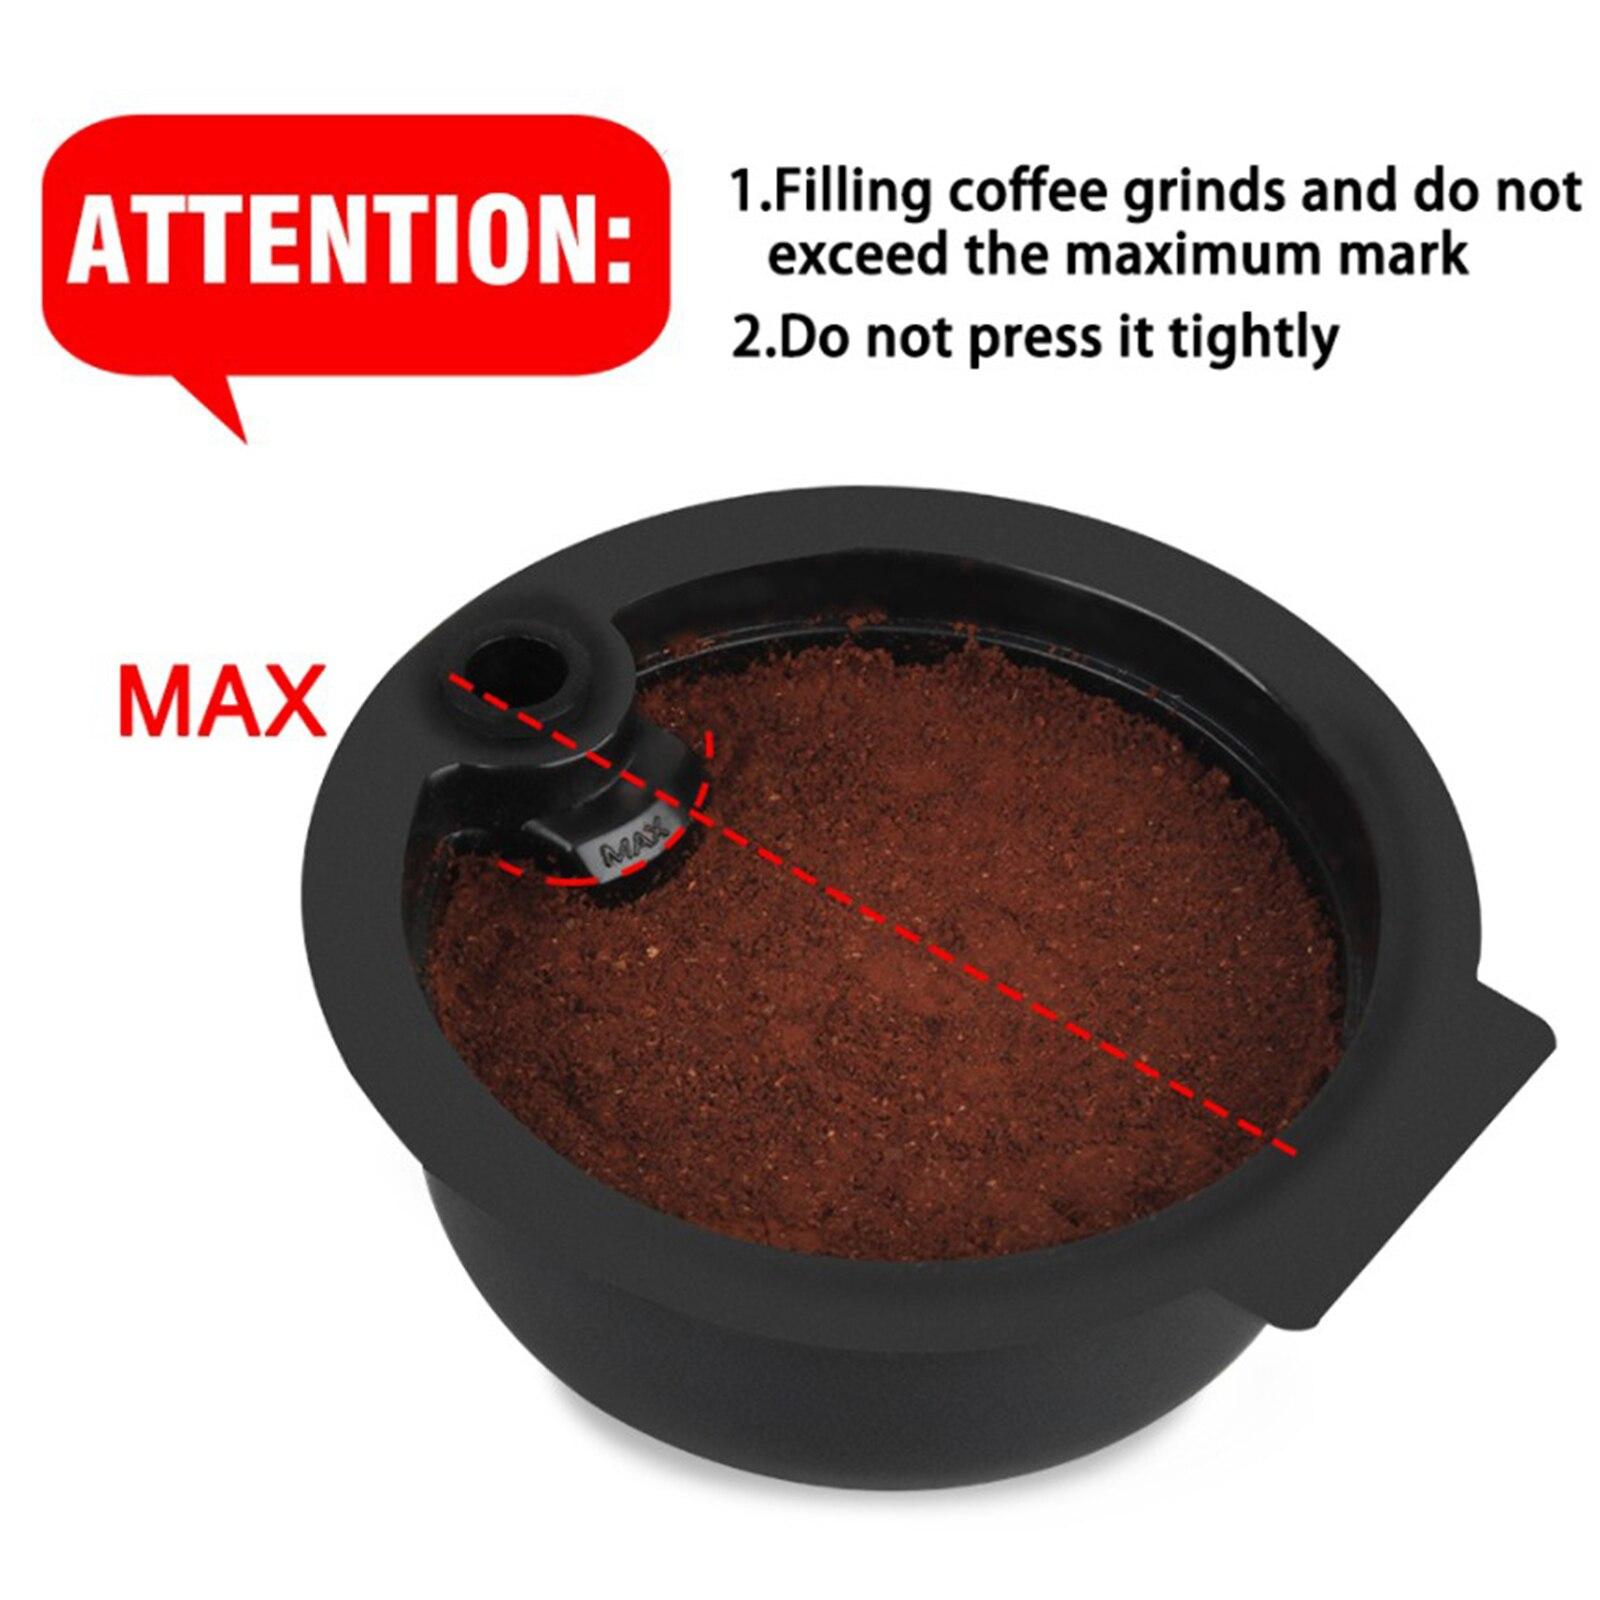 2 قطعة قابلة لإعادة الاستخدام أكواب القهوة كبسولة لبوش تاسيمو سعة 180 مللي